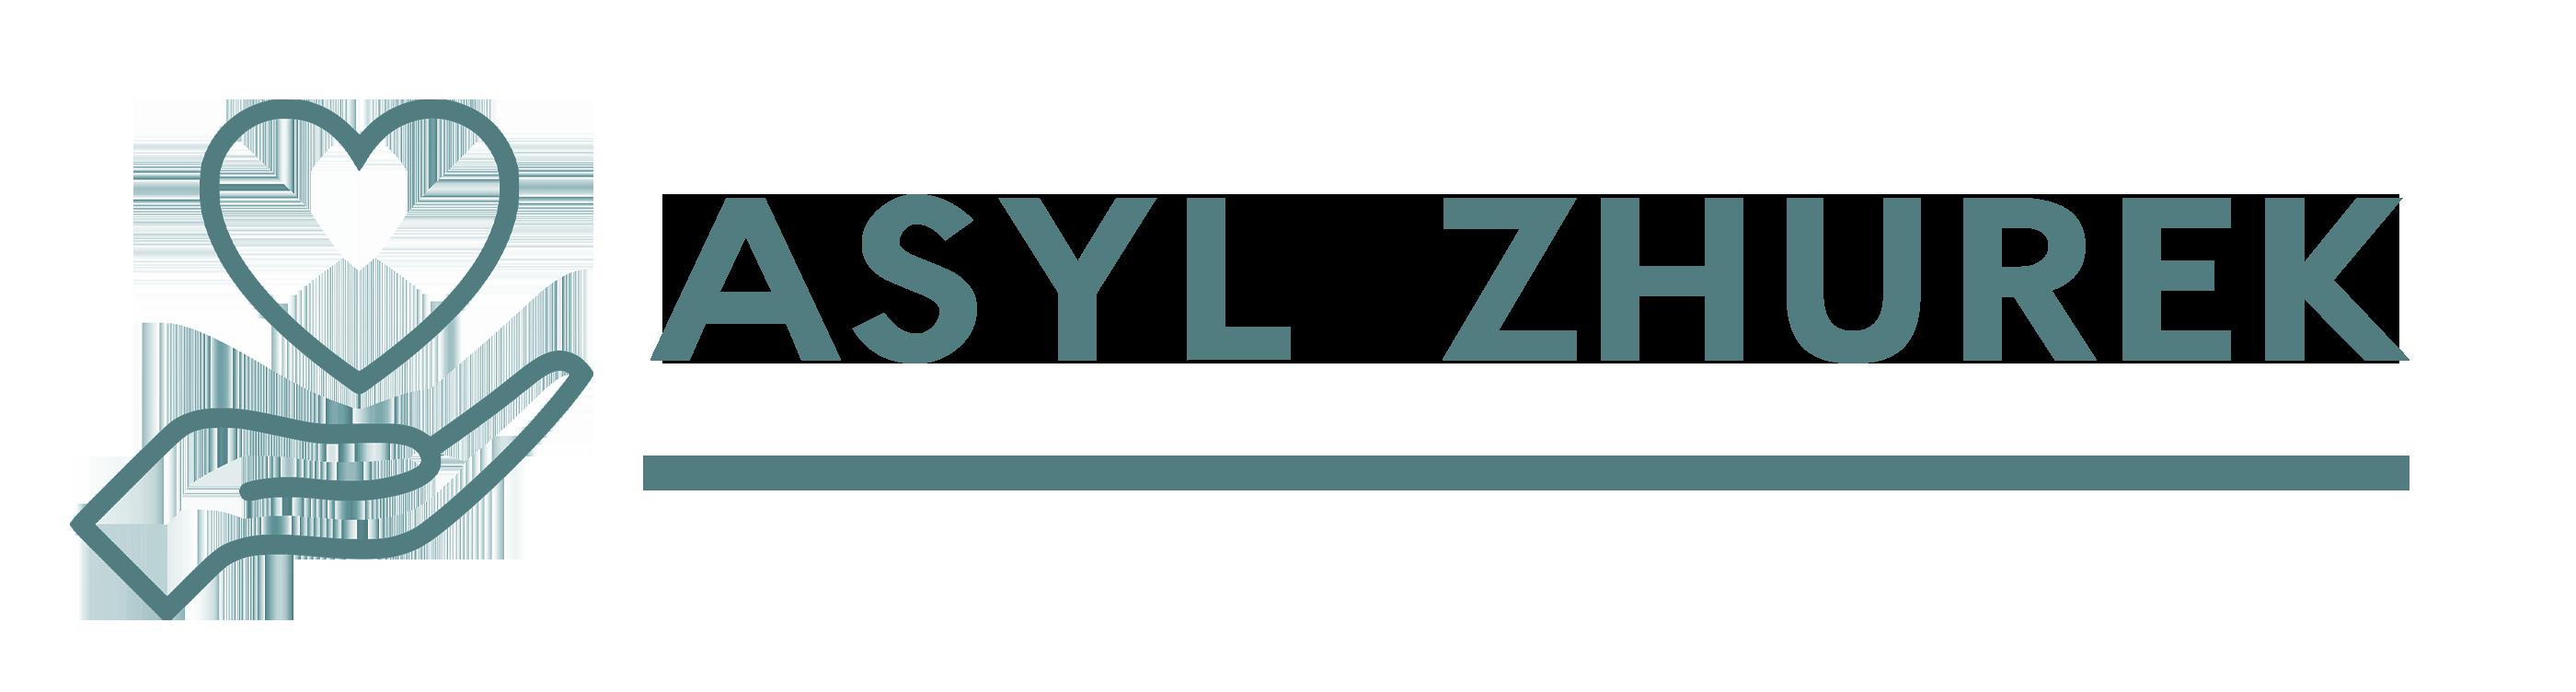 Asyl-Zhurek